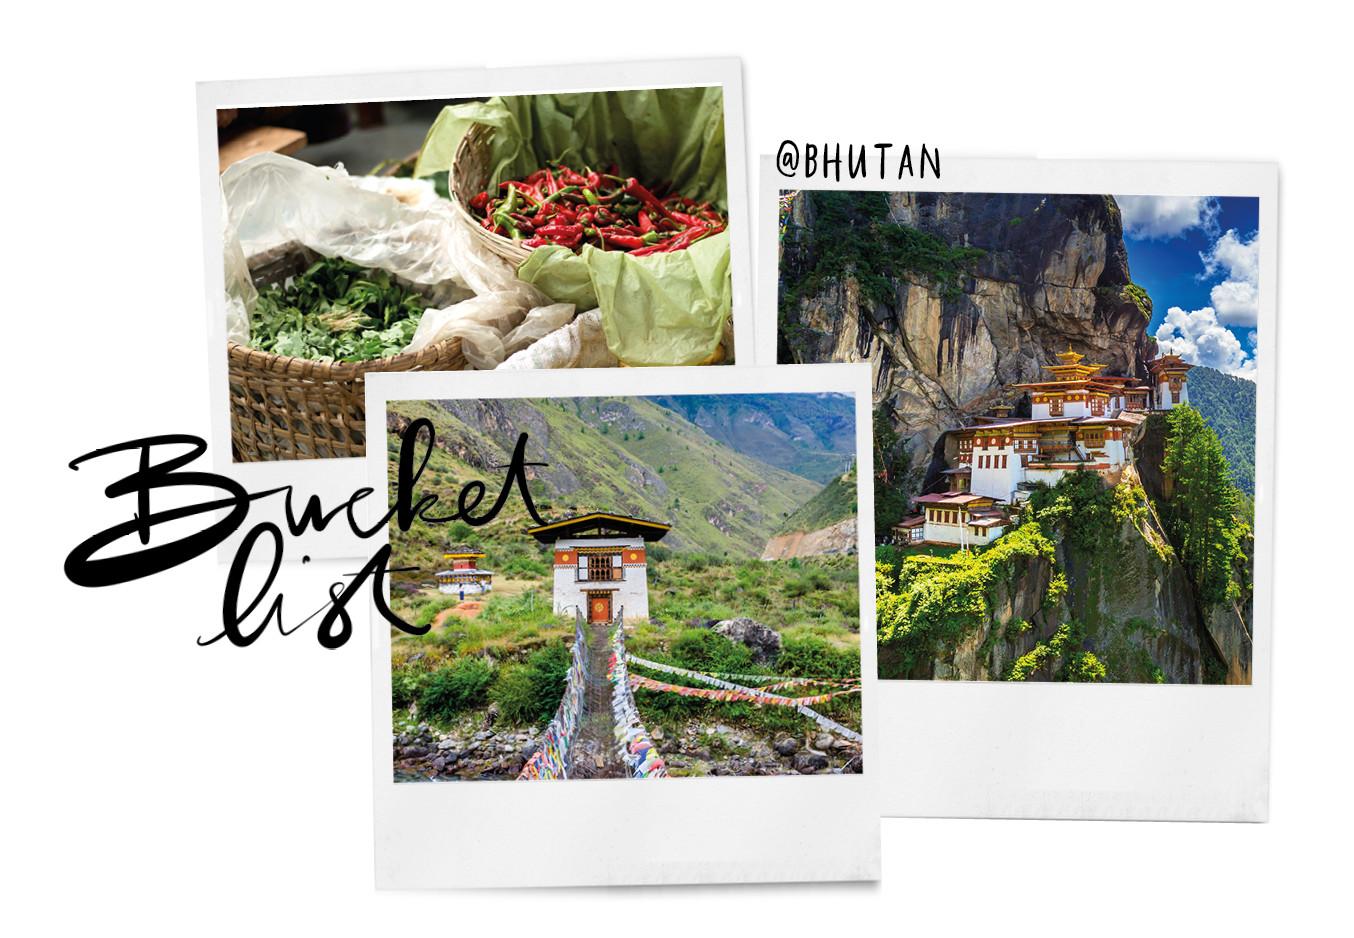 verschillende foto's van Bhutan. 1 met eten, 1 met een bruk naar een huisje en 1 met een klooster in de bergen